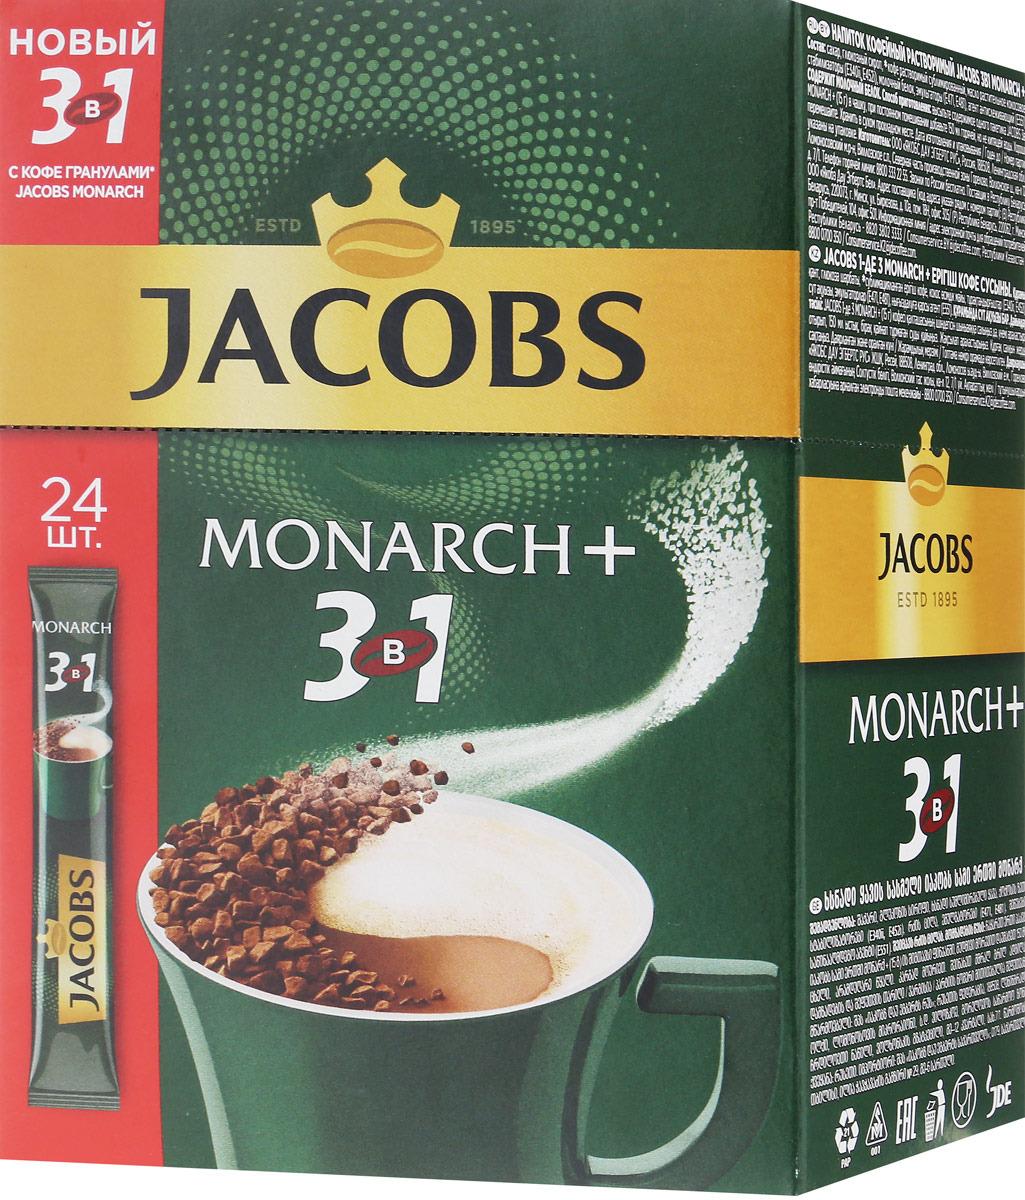 Jacobs Monarch 3 в 1 напиток кофейный растворимый в стиках, 24 шт jacobs monarch кофе натуральный растворимый в стиках 10 шт